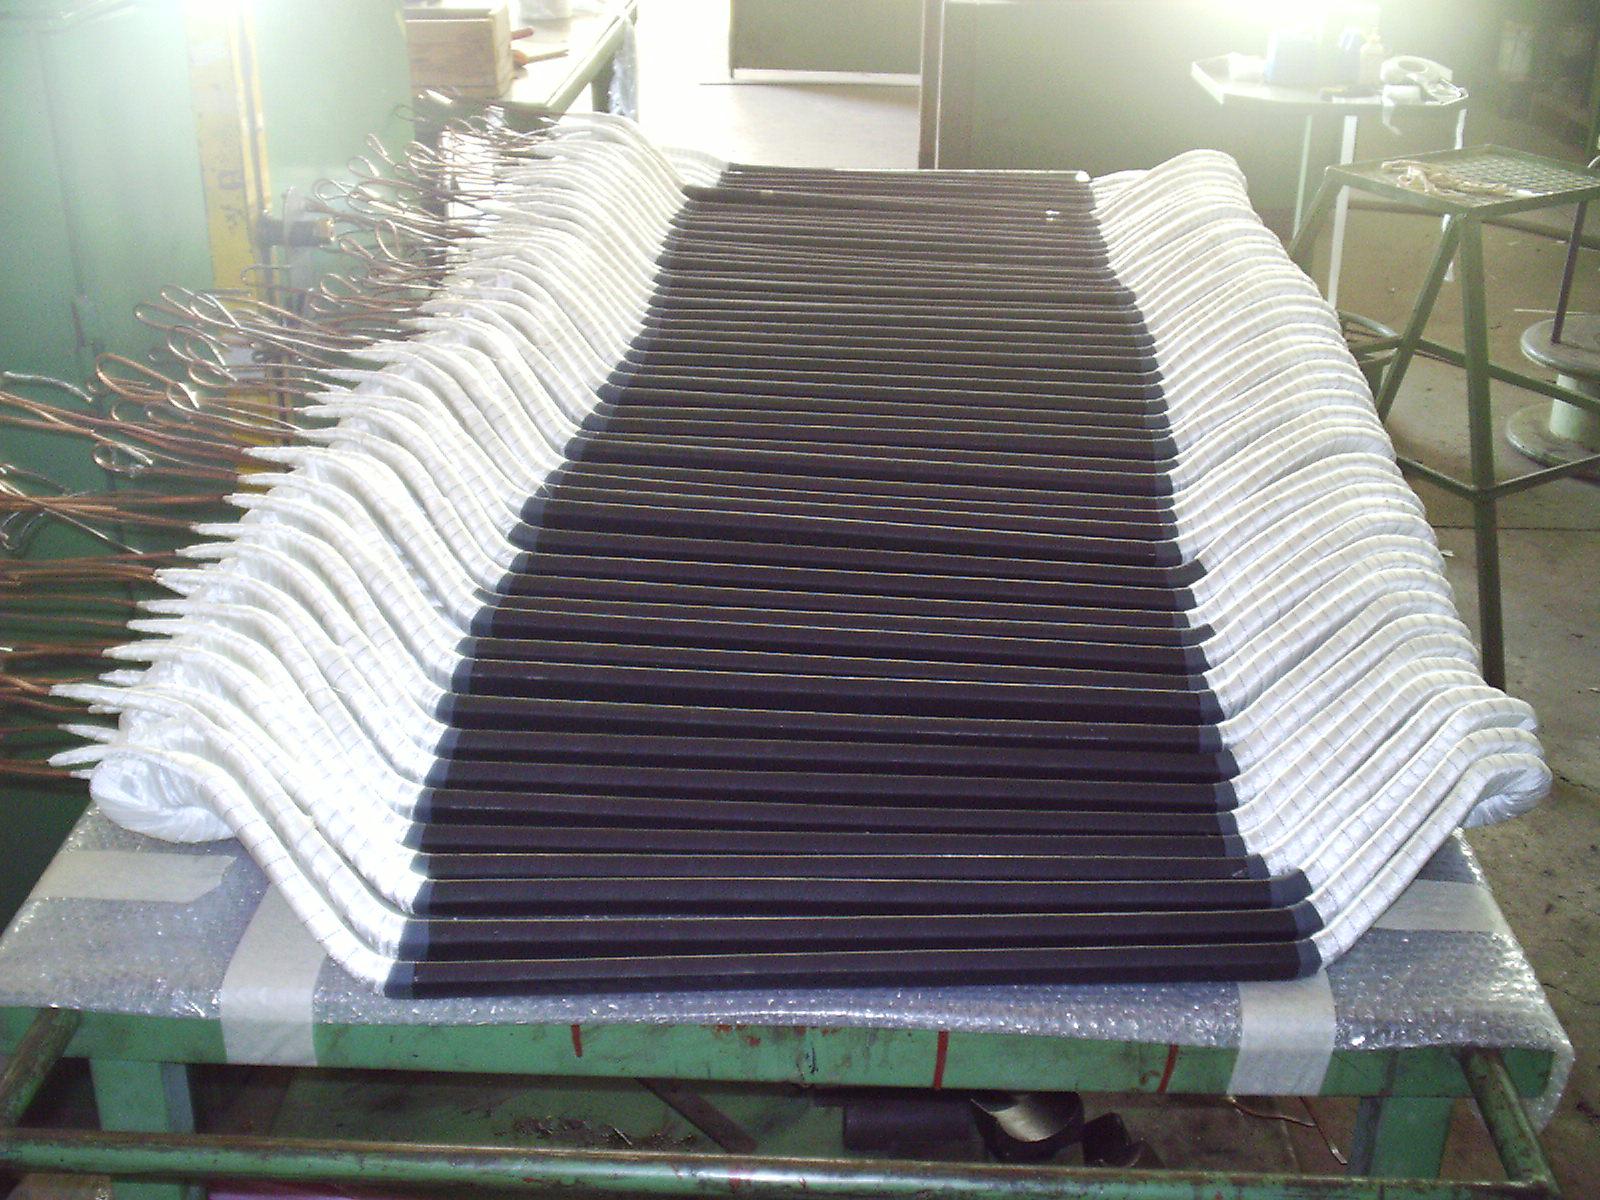 fornitura-ricambi-elettromeccanici-185